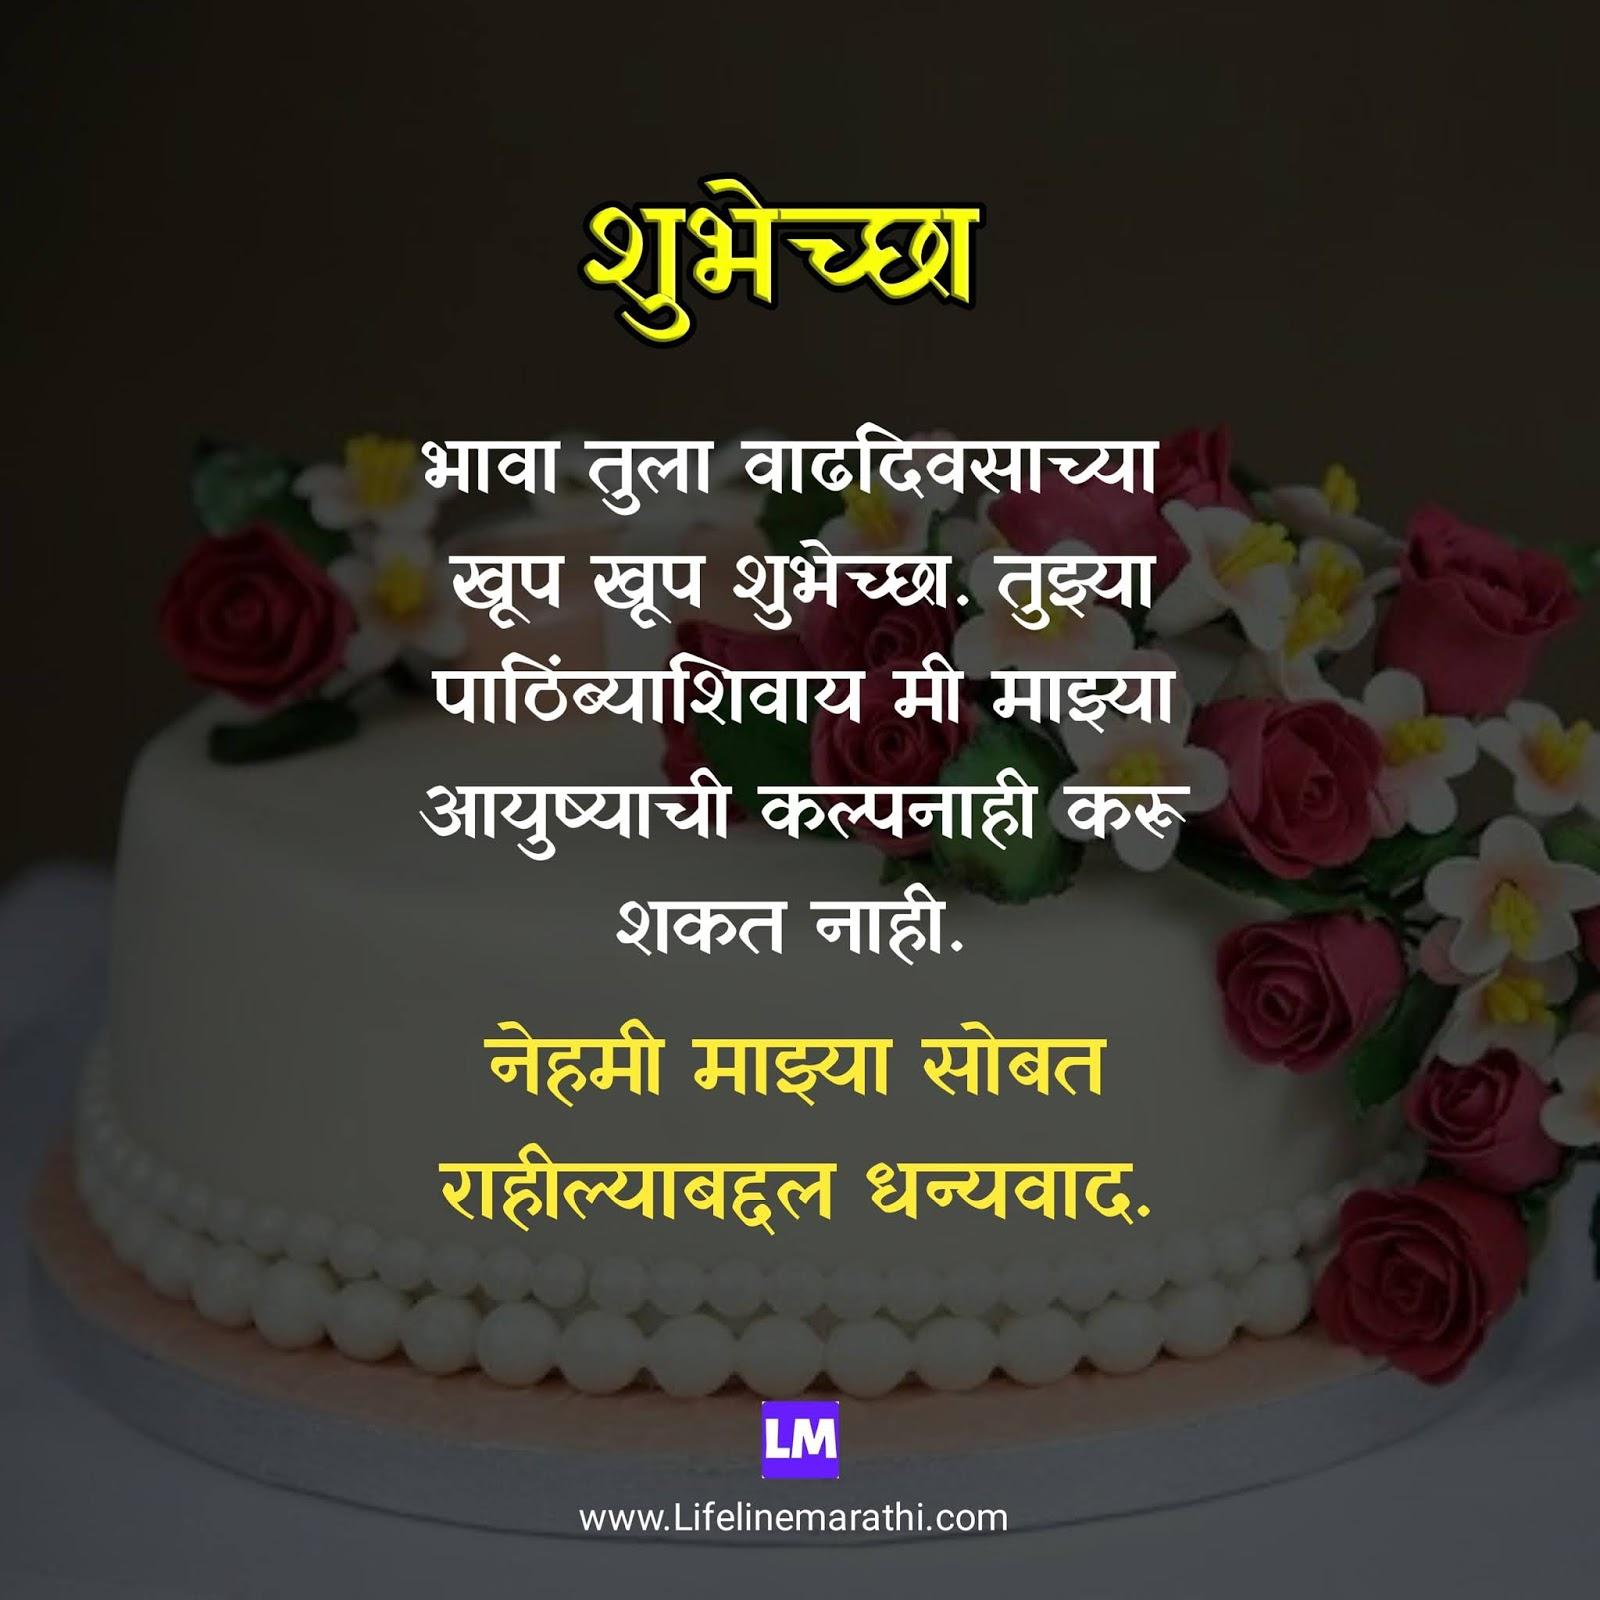 ʕ Á´¥ ʔっ À¤µ À¤¢à¤¦ À¤µà¤¸ Happy Birthday Wishes For Brother In Marathi